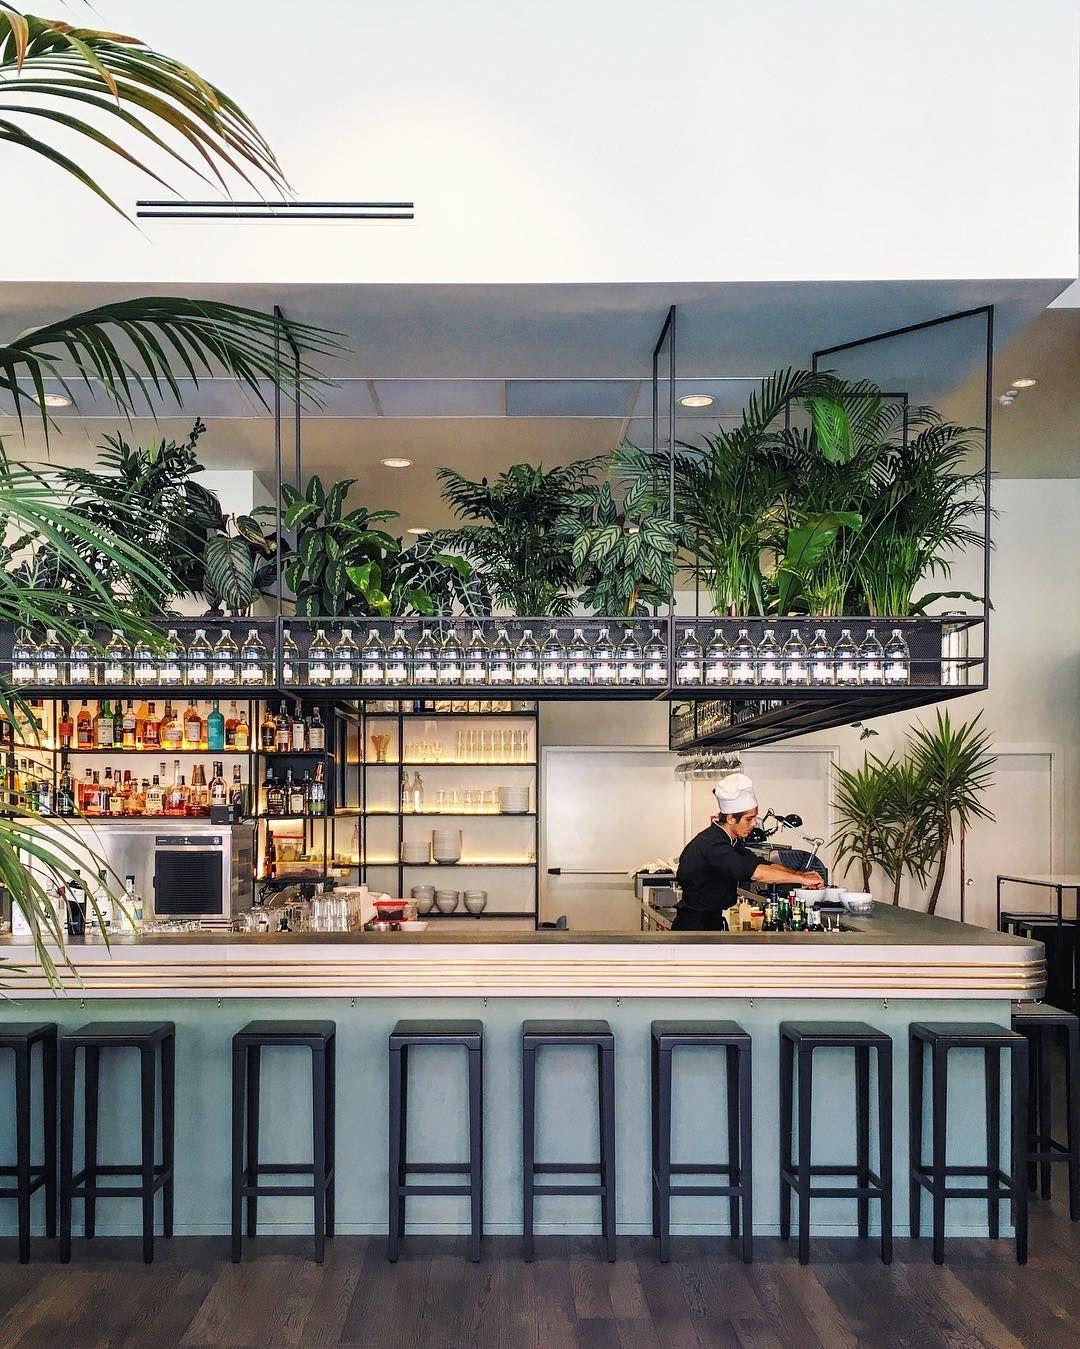 Billeder Og Videoer Pa Instagram Som Er Taget Her The Botanical Club Cafe Exterior Bar Interior Design Cafe Design